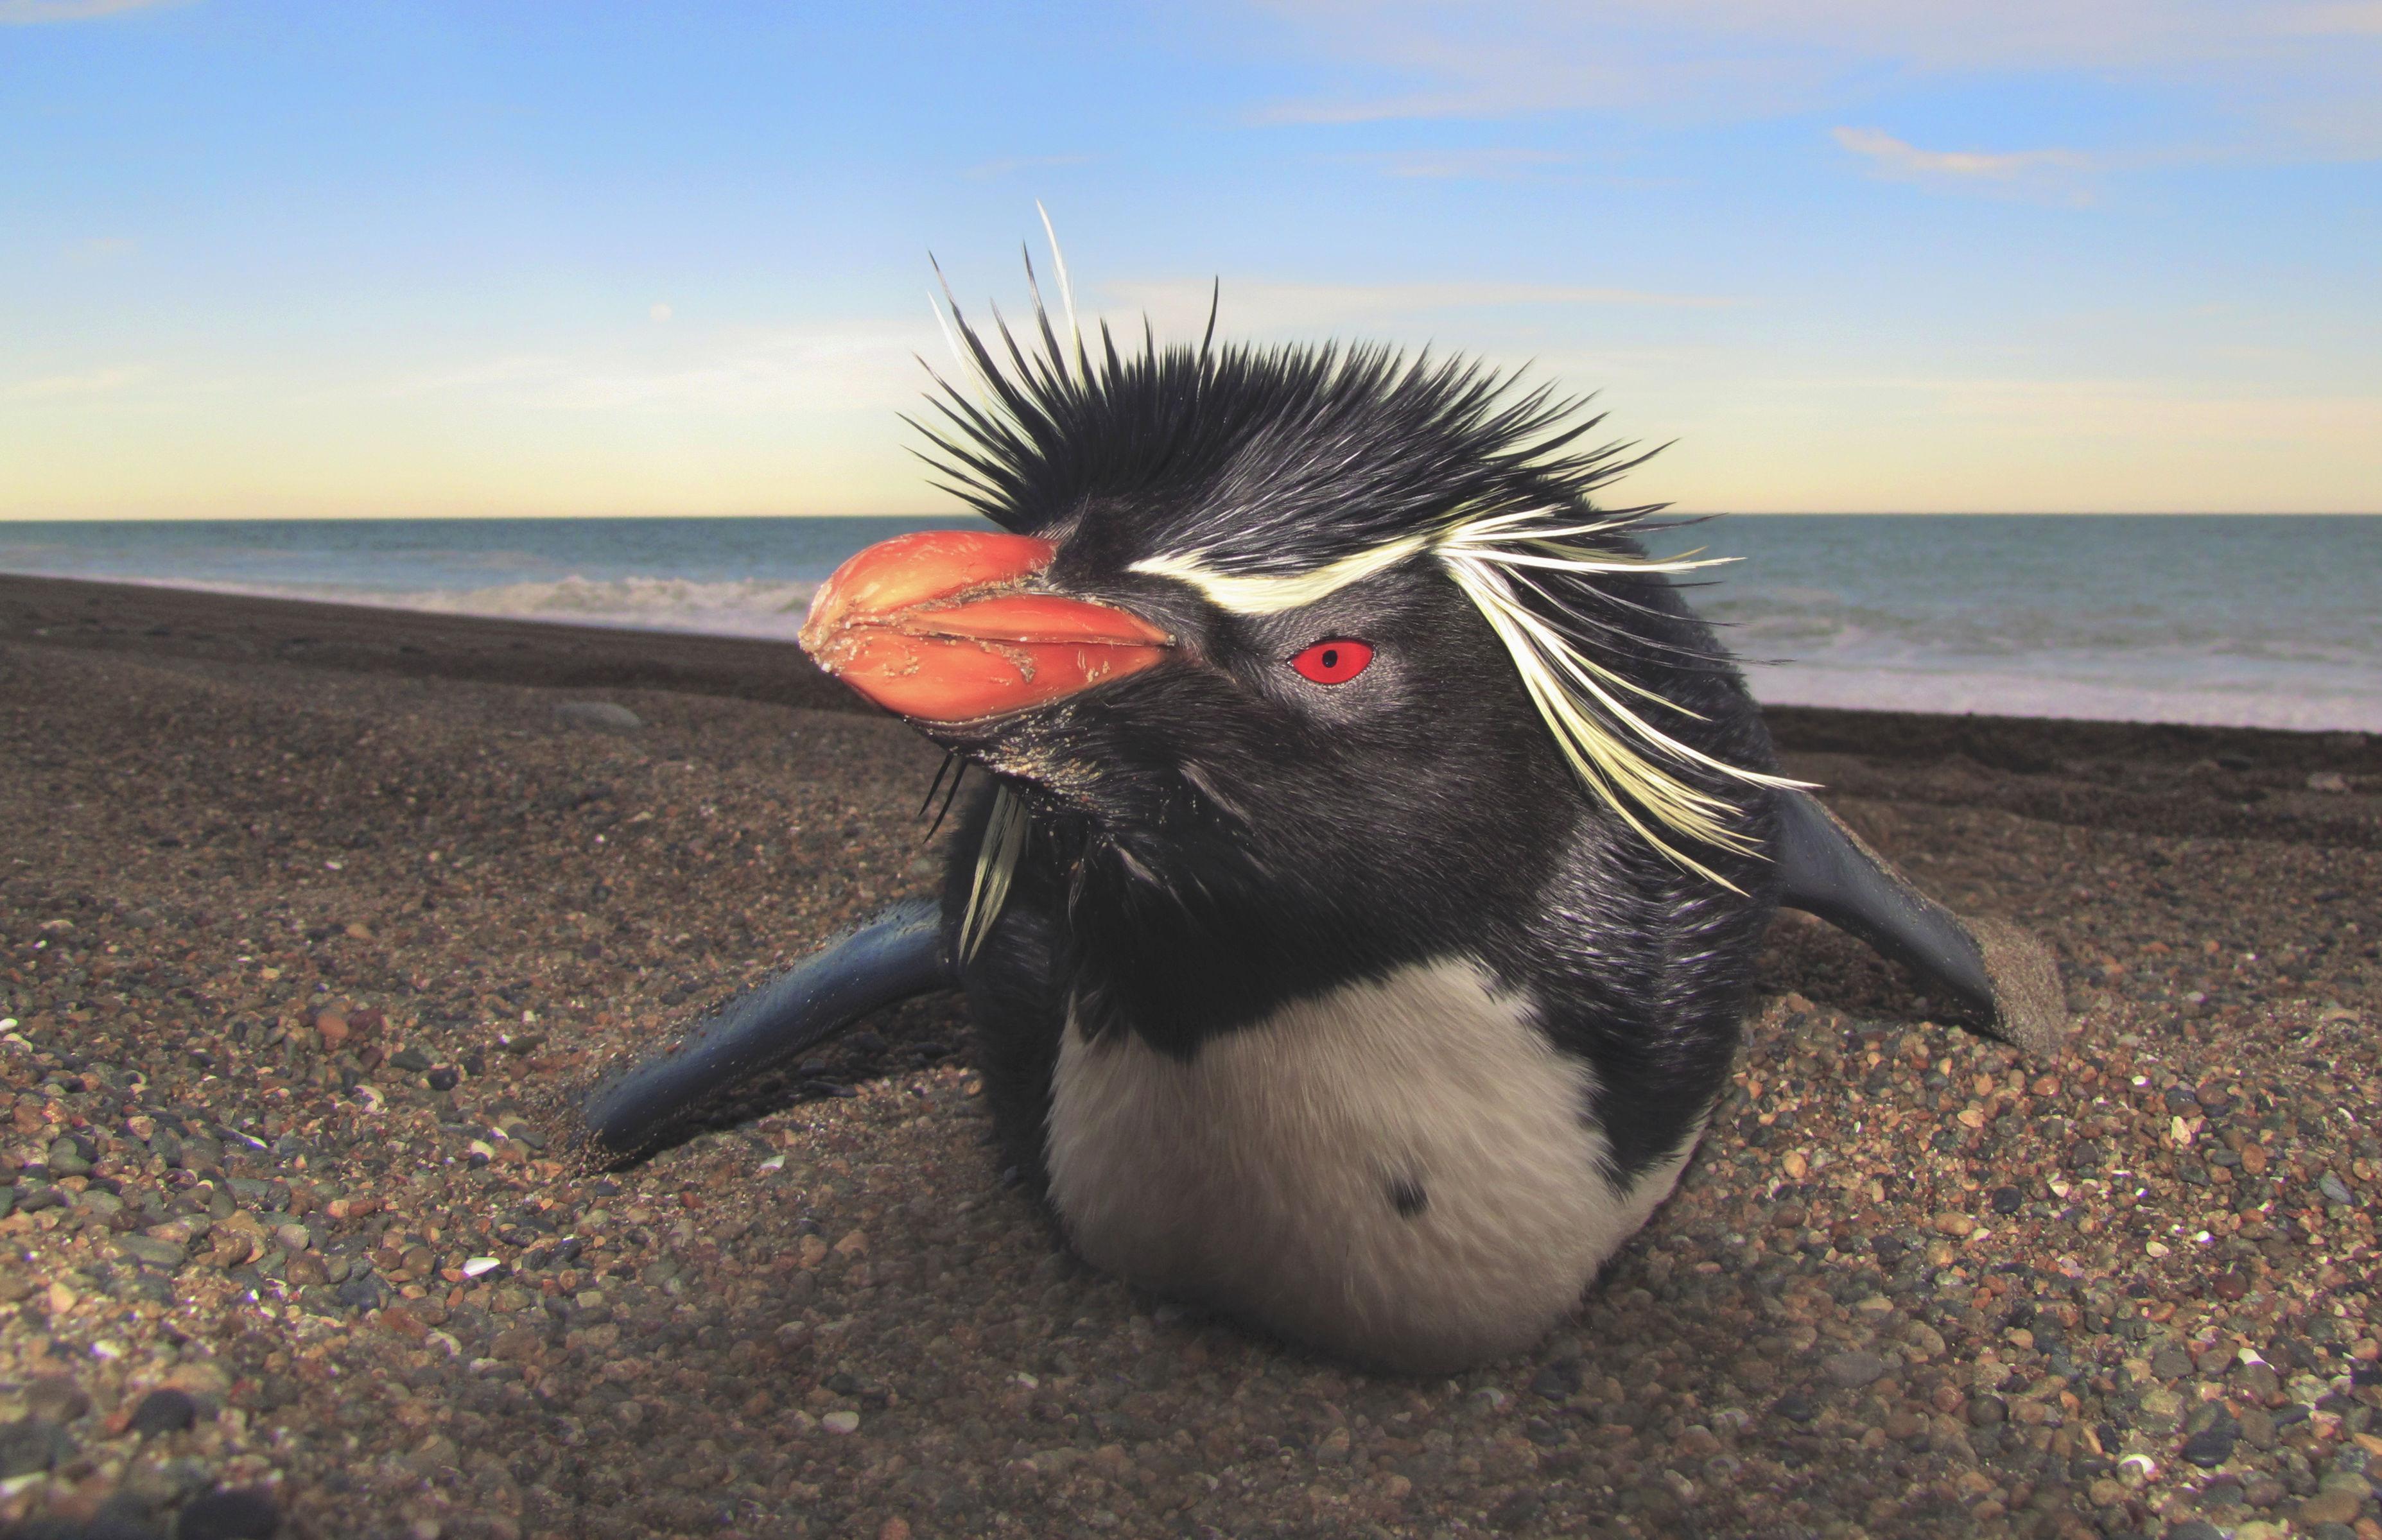 La reserva Burdwood II ayudaría a preservar a los pingüinos de penacho amarillo. | Foto Lyra Films